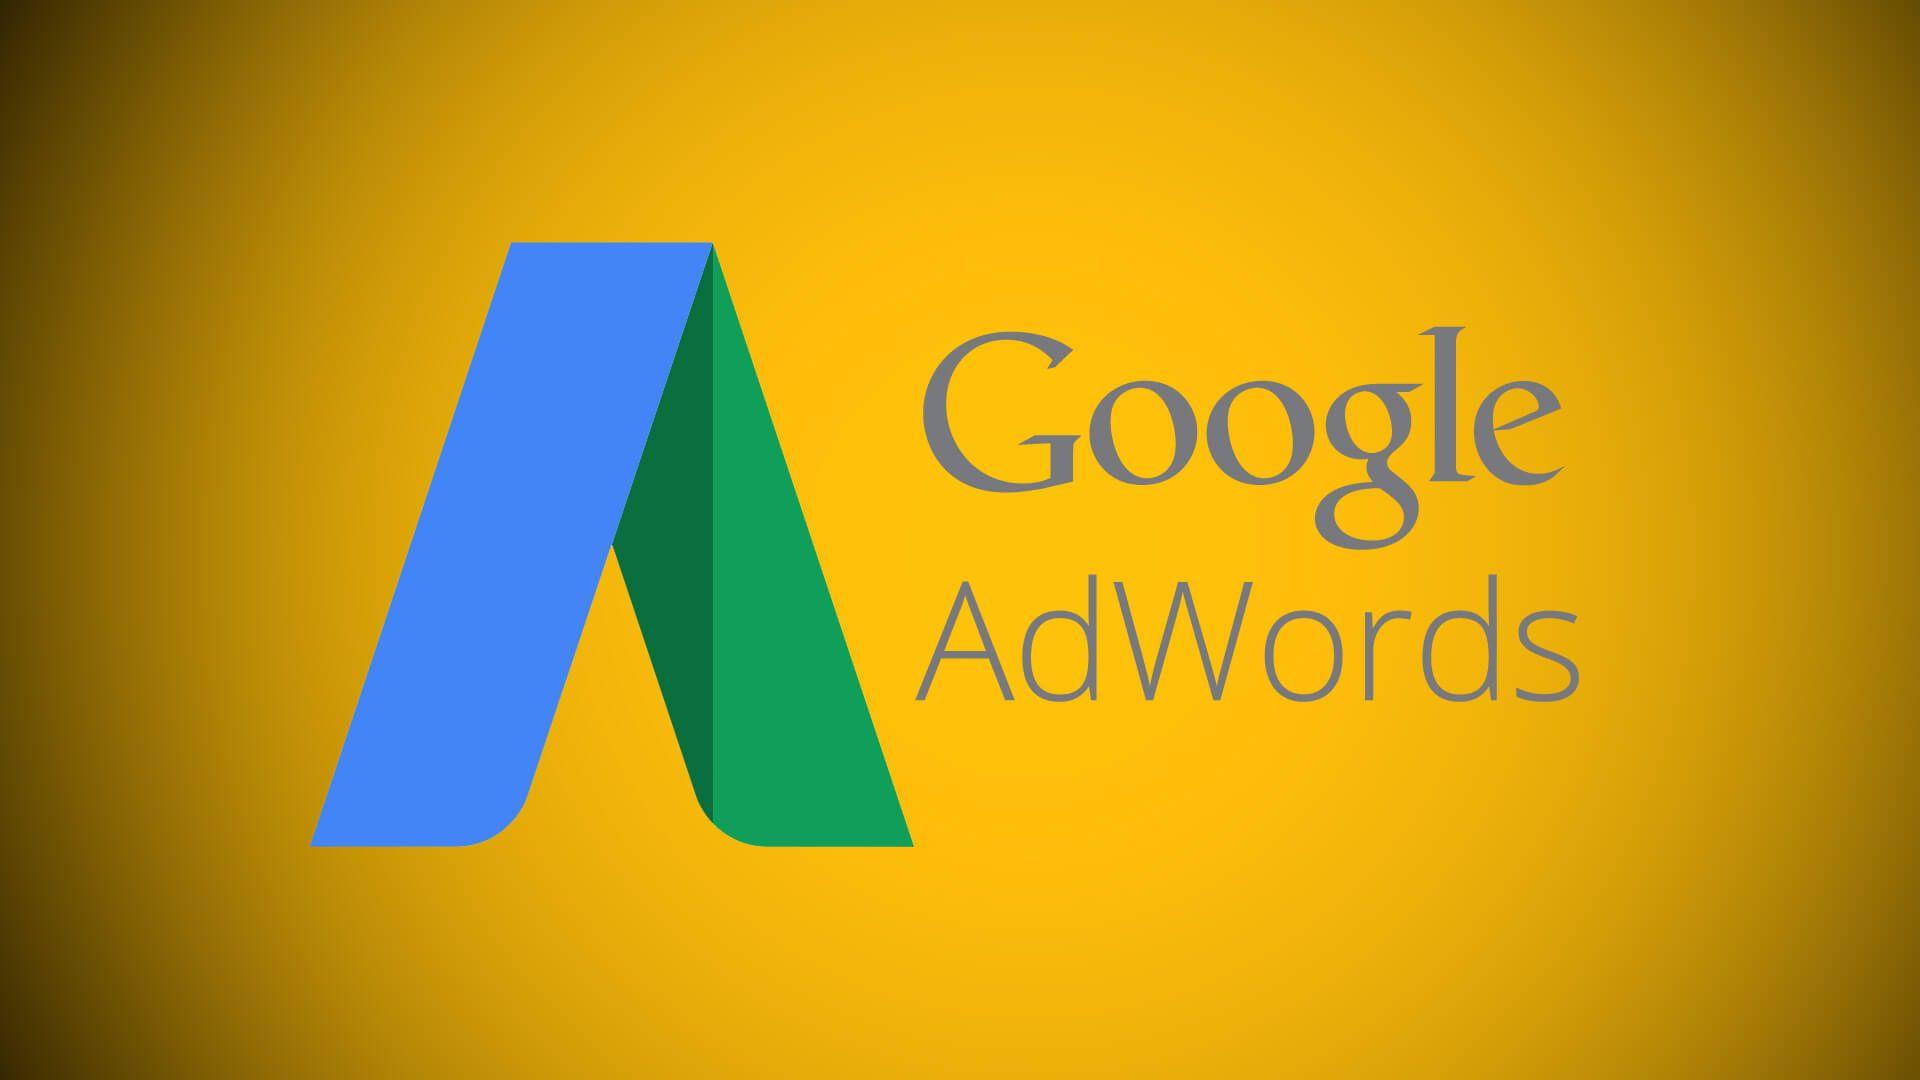 گوگل ادوردز راهی بسیار کاربردی برای تبلیغ وب سایت ها